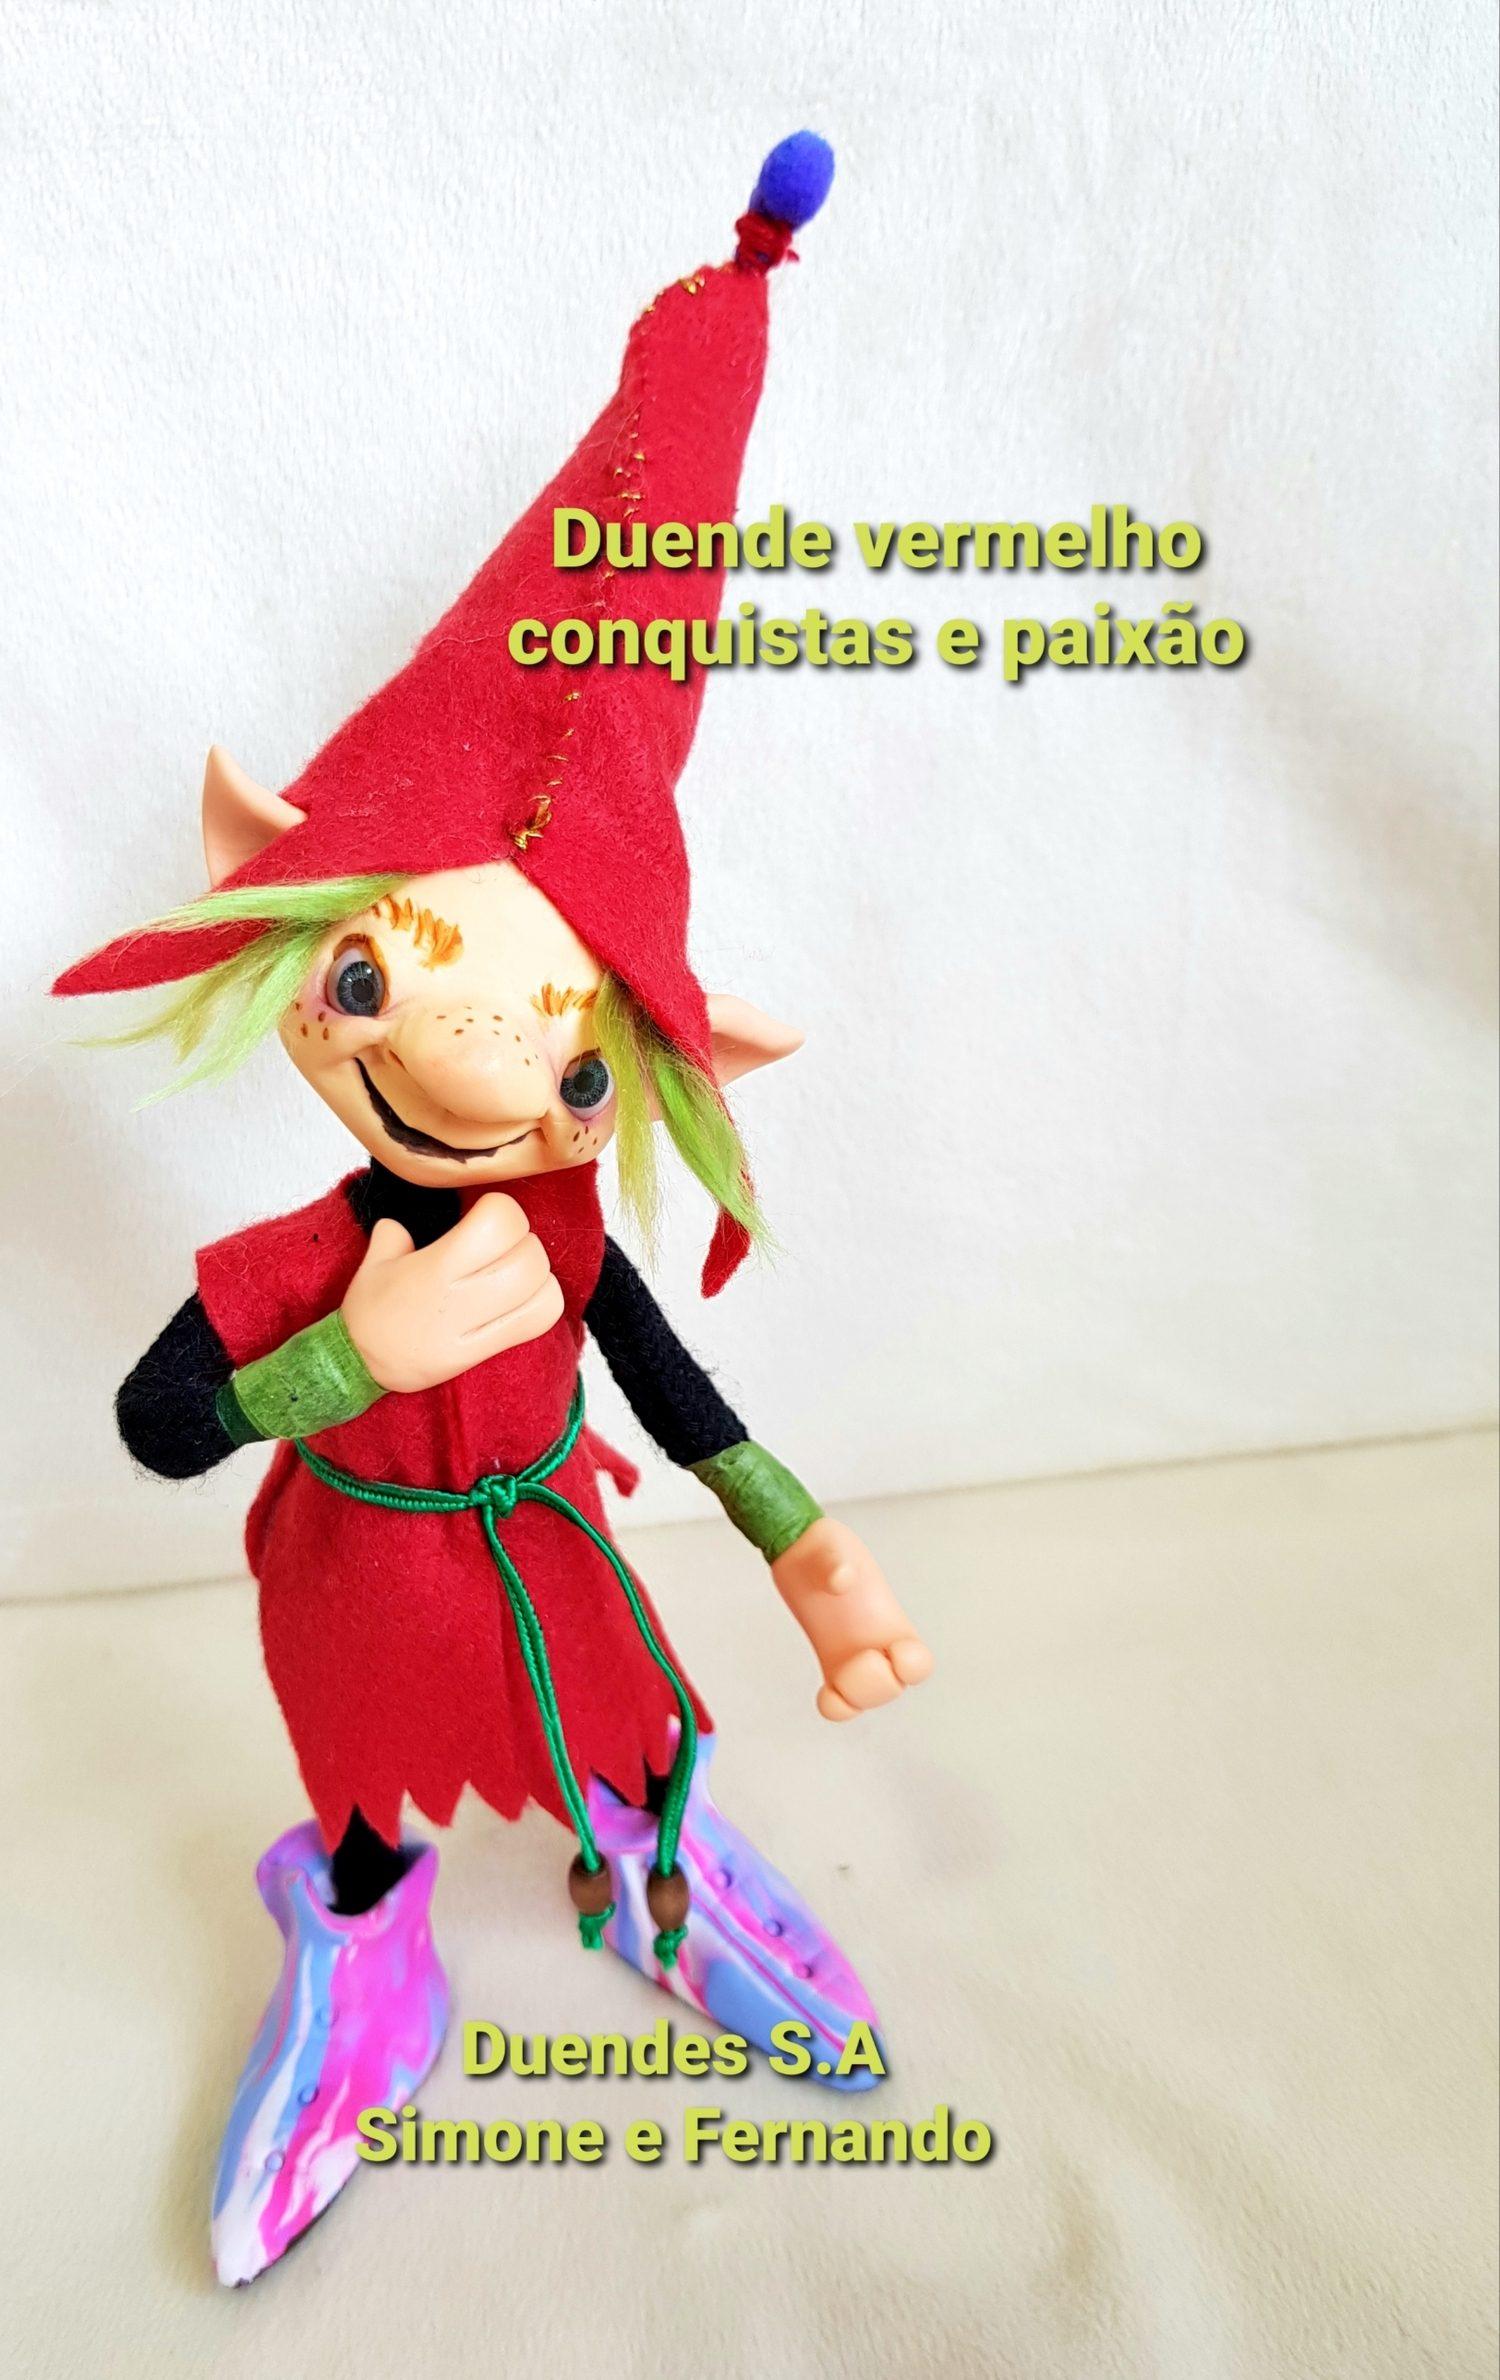 DUENDE MENINO  ARTICULADO/ VERMELHO,CONQUISTAS E PAIXÃO